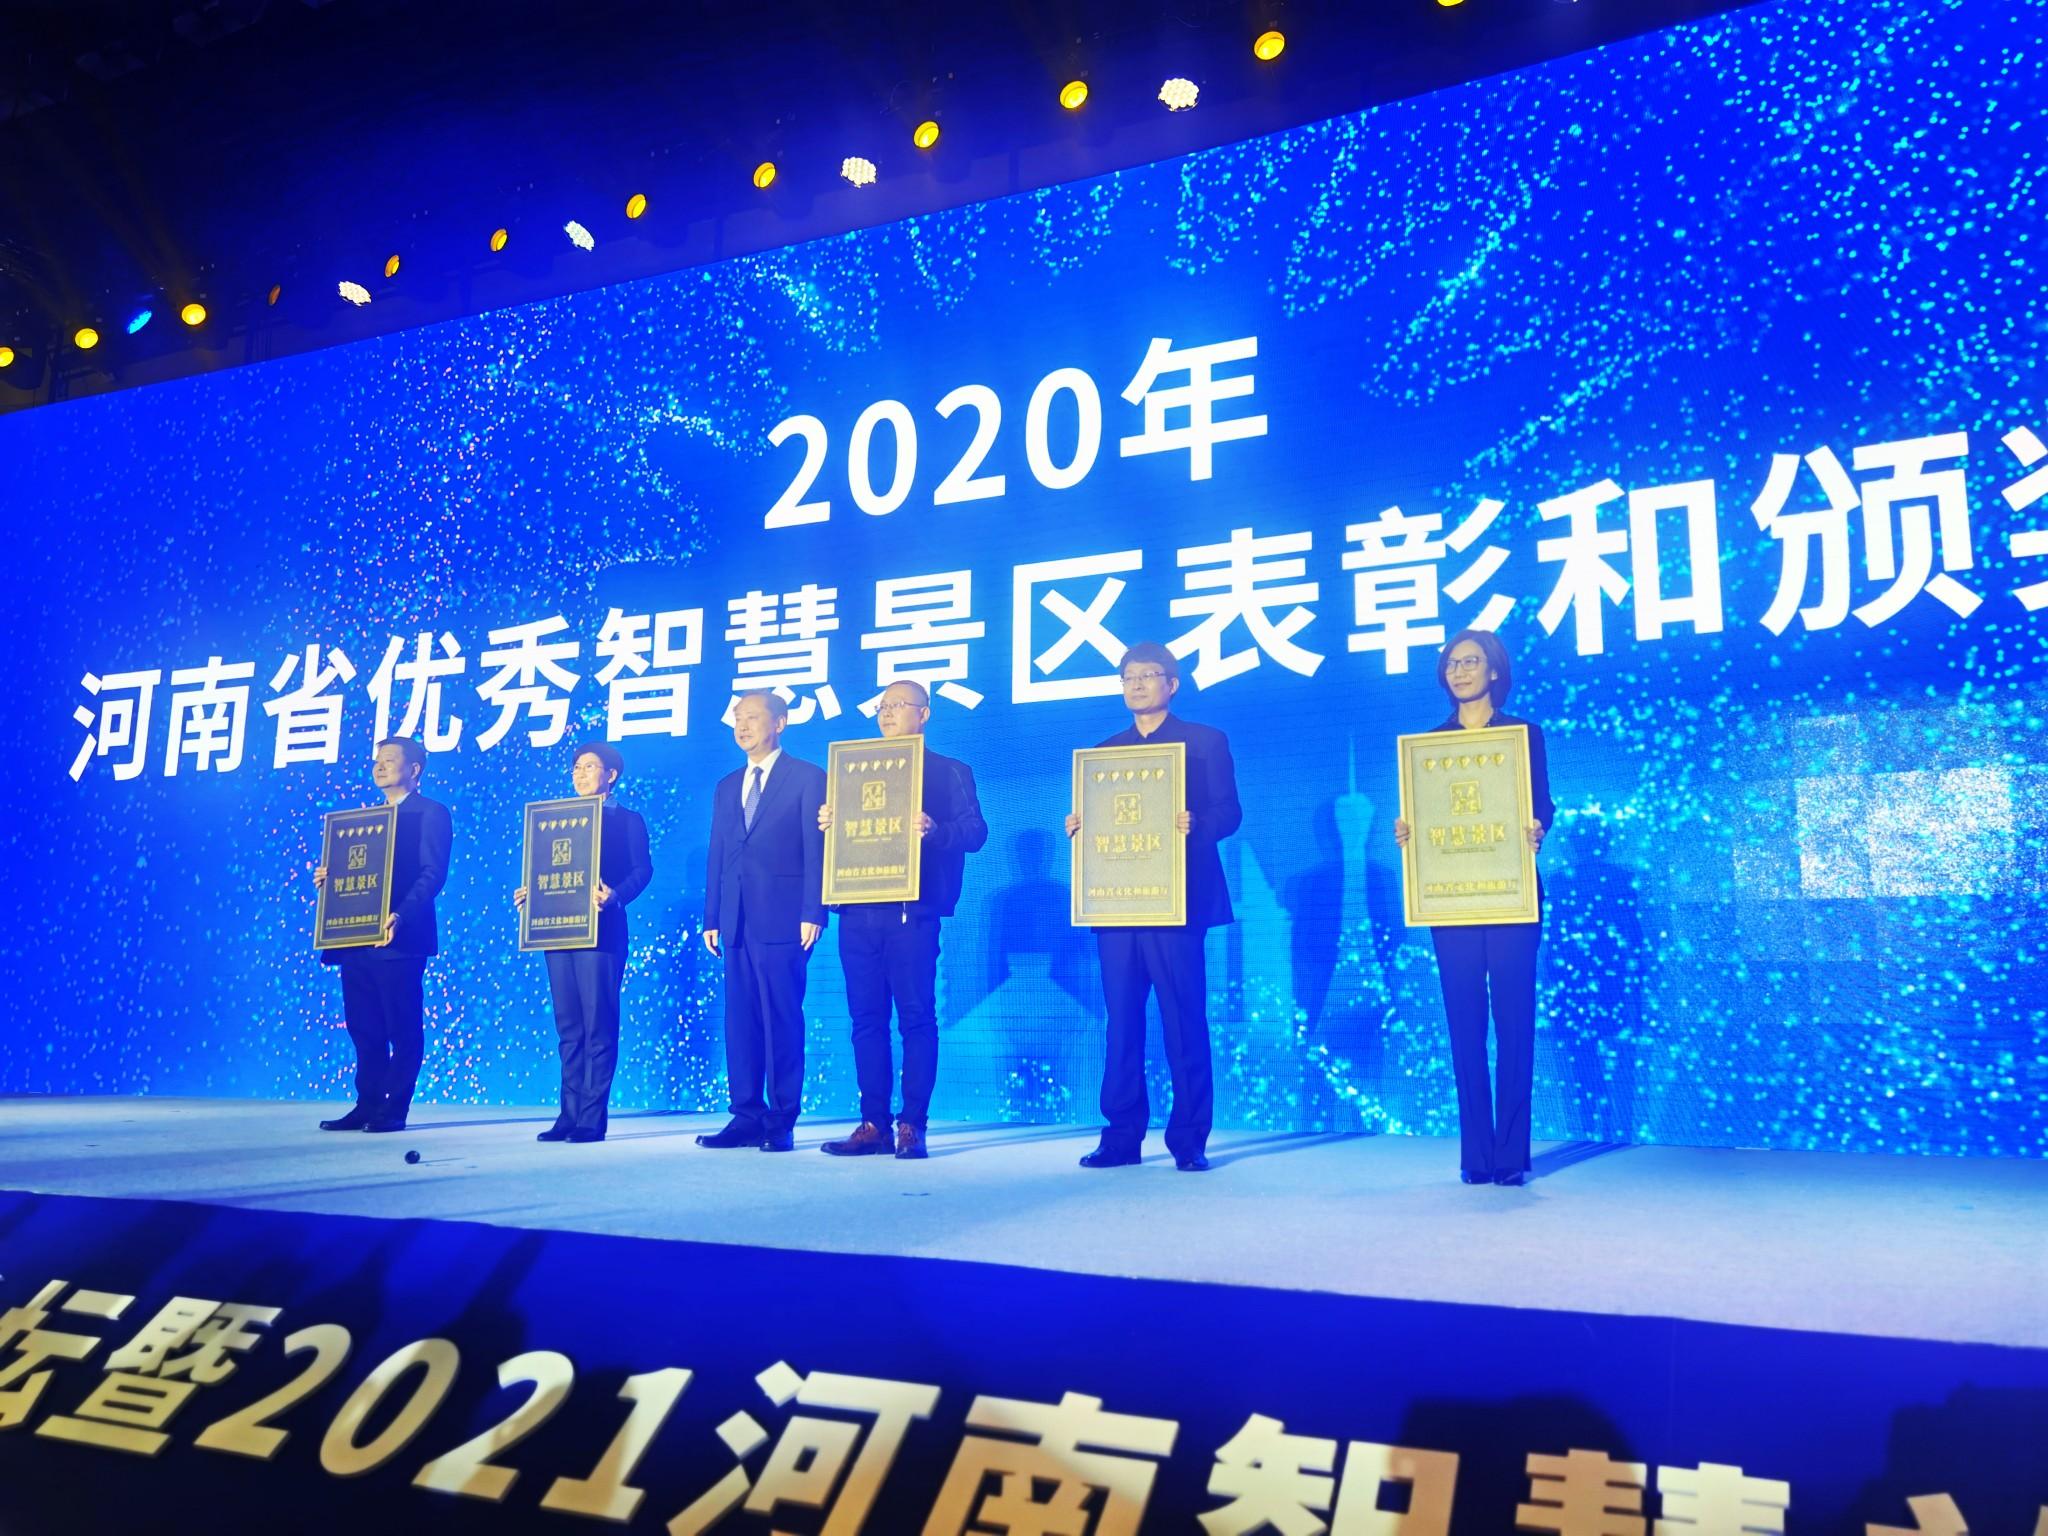 智慧建设再进阶!嵖岈山风景区喜获2020年度河南省五钻级智慧景区